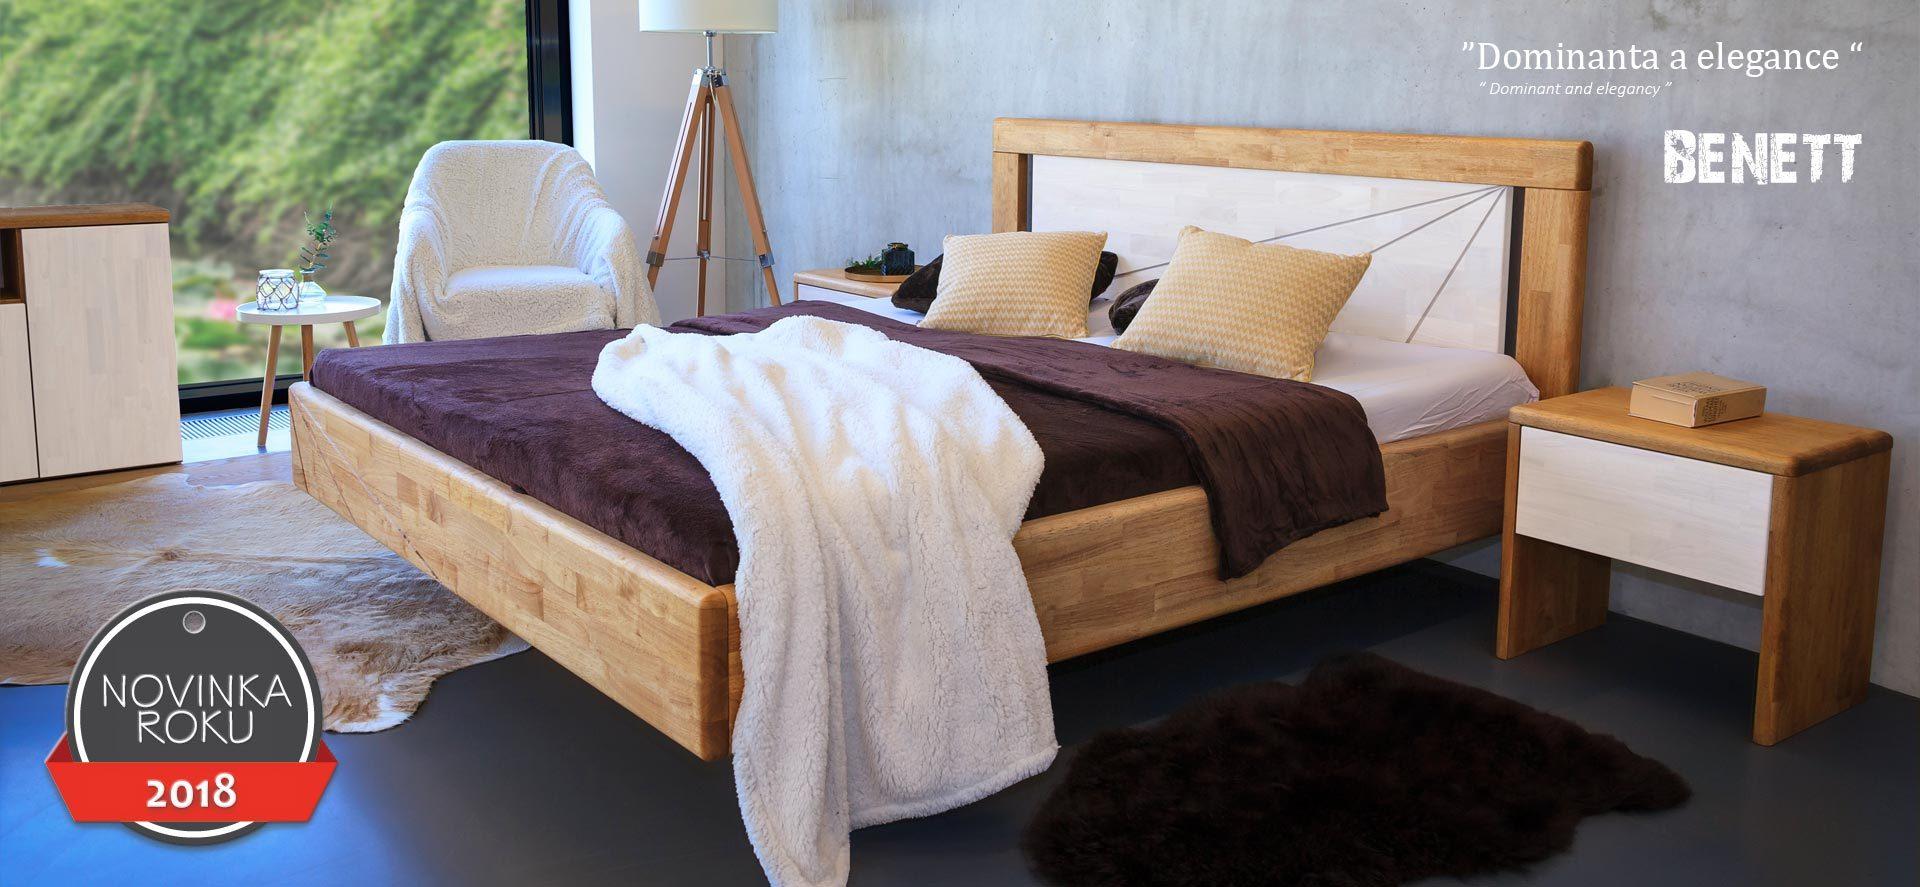 Levitující postel z masivu BENETT má levitující vzhled a výrazně zaoblené všechny hrany. To přispívá k celkovému komfortu při vstávání.